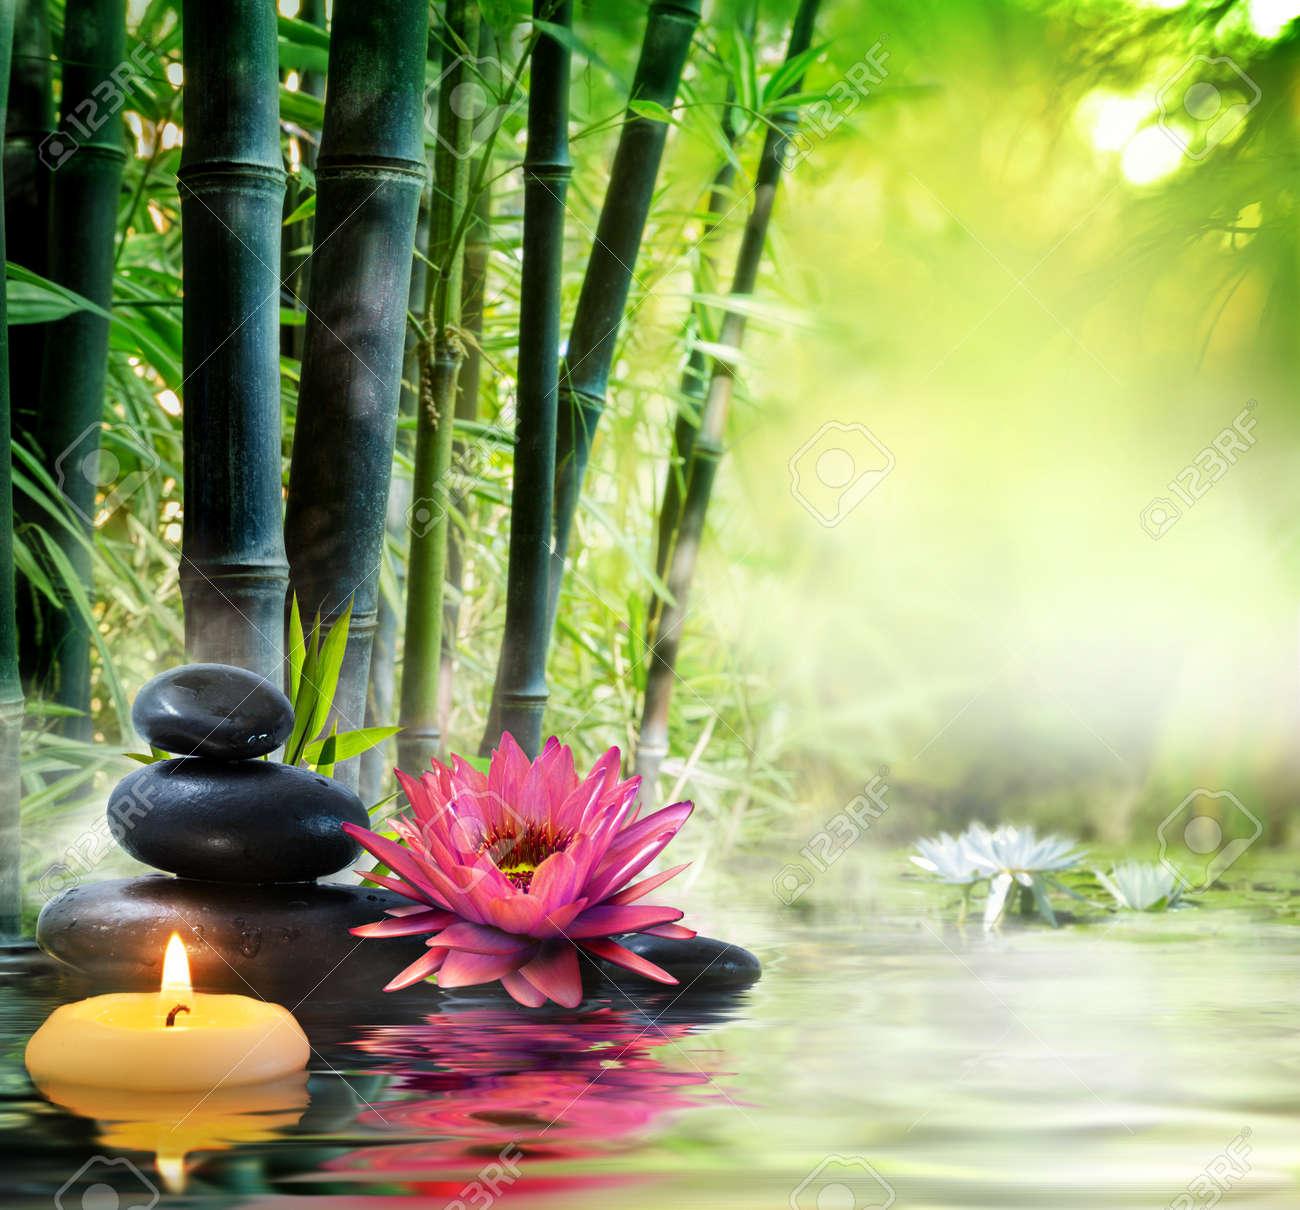 Ce soir en garde de nuit - Page 6 33104617-Massage-dans-la-nature-Lily-pierres-bambou-notion-zen-Banque-d%27images